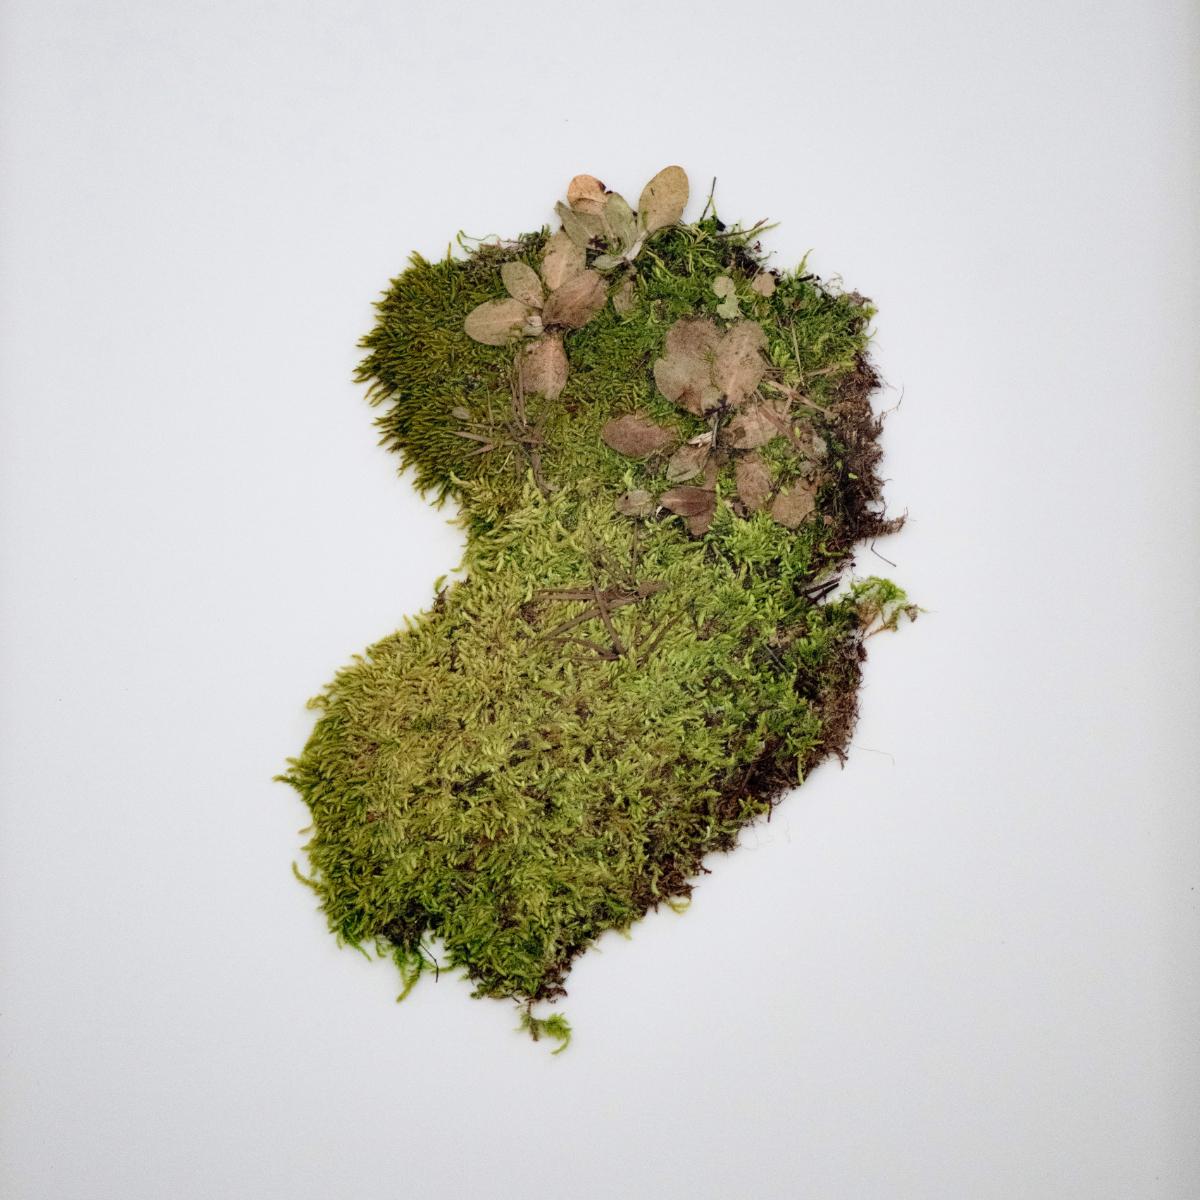 Sabrina Hoelzer Moss. Unframed plate 40 x 50 cm